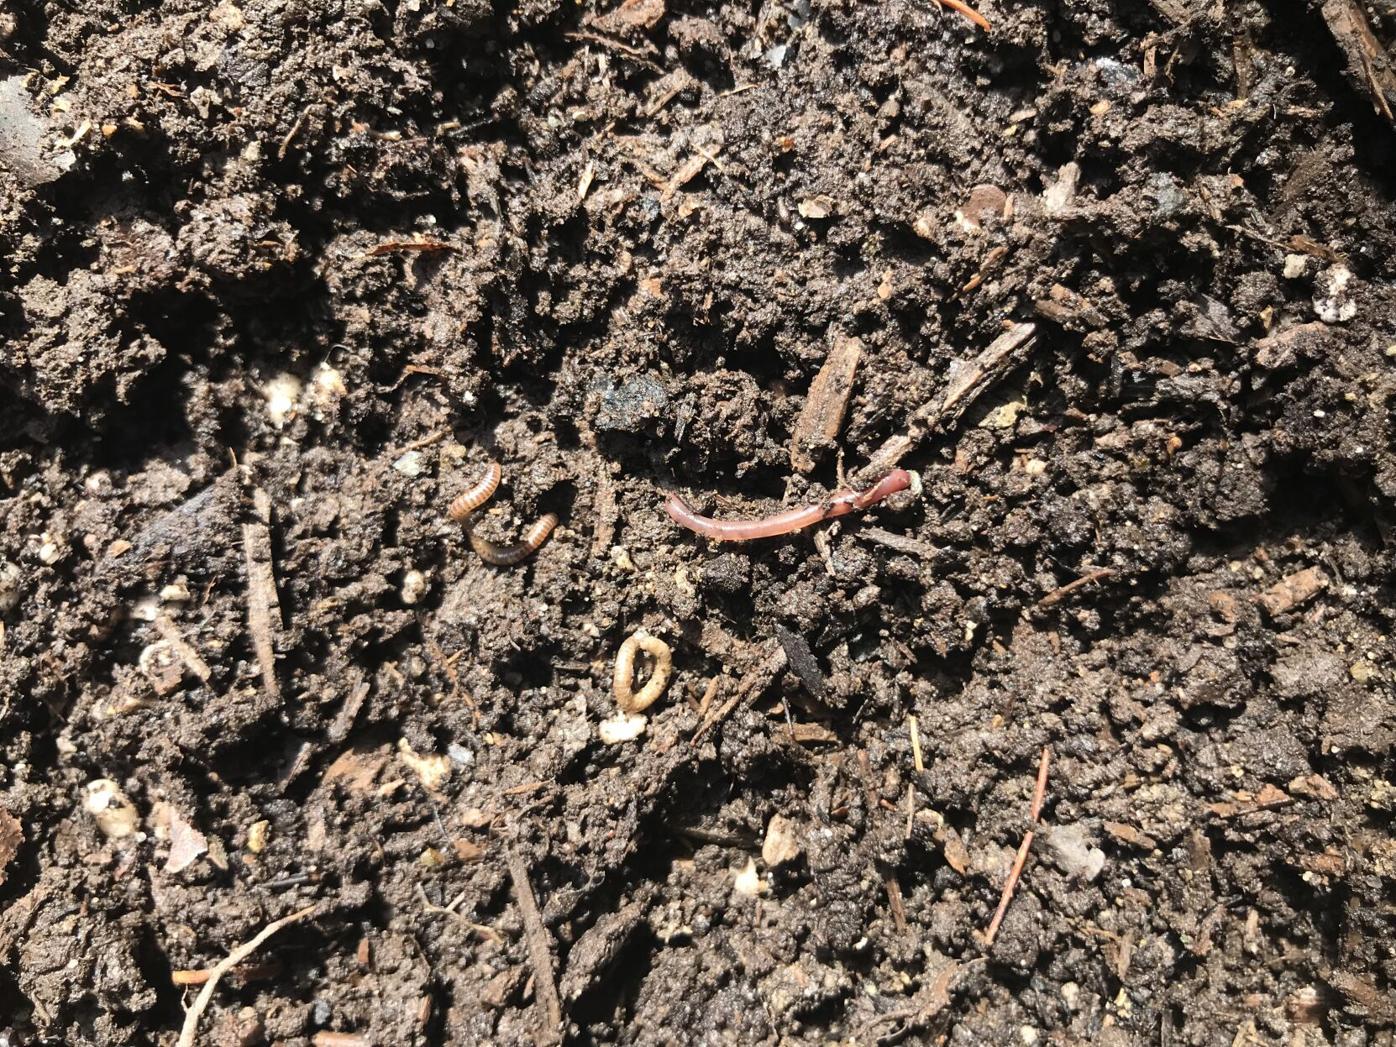 HG master gardener Jumping worm hatchlings_Knauss S15 2.jpg